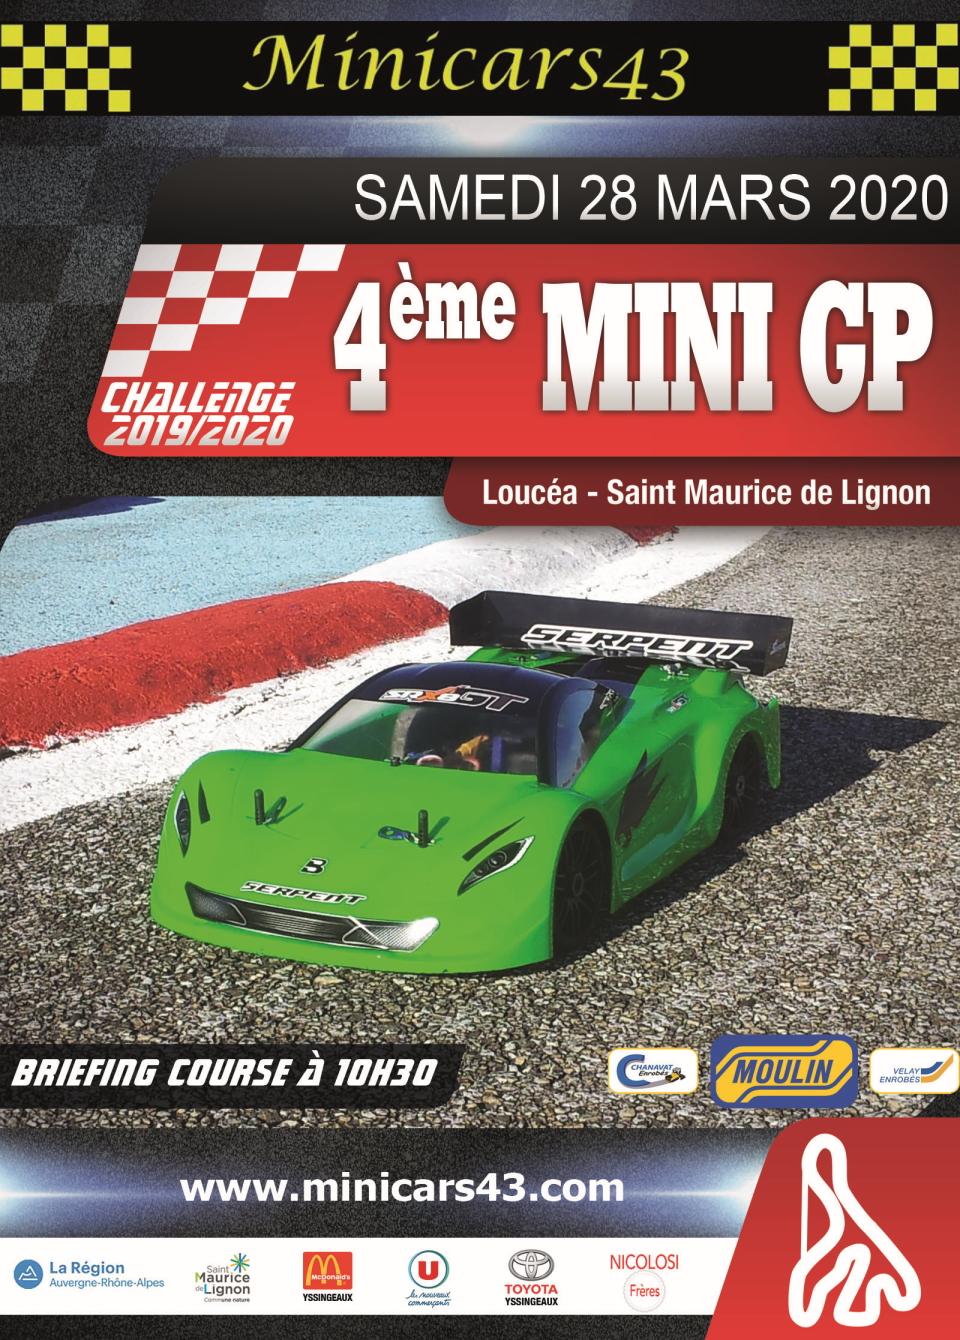 Affiche 4ème Mini GP 2019-20